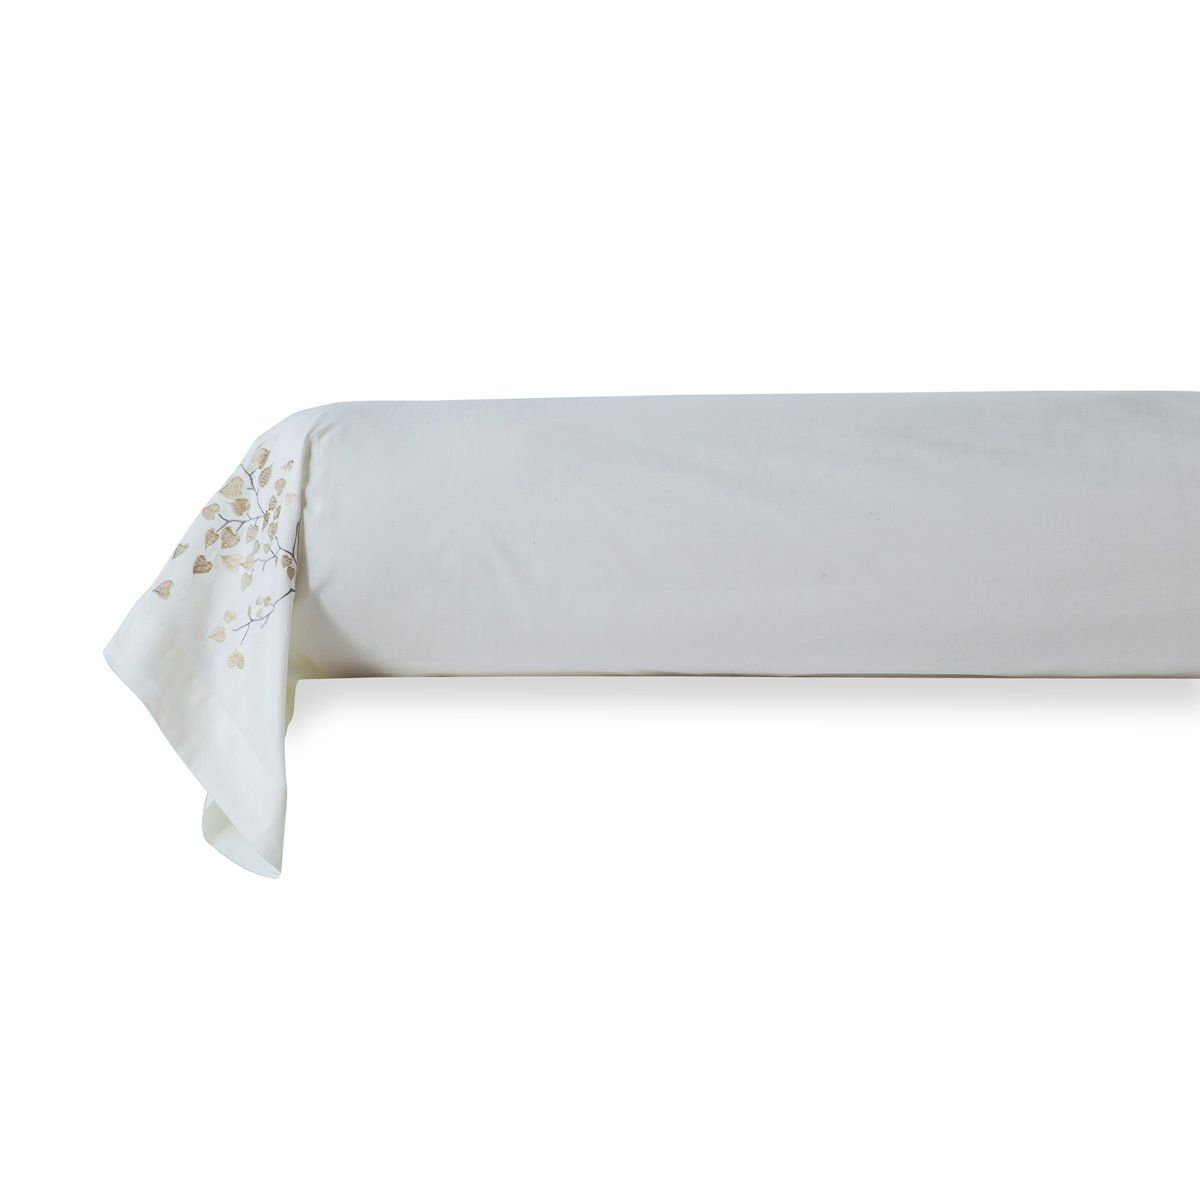 Taie de Traversin brodée percale de coton 80 fils - Mathilde Parure brodée percale de coton - Mathilde | Linge de lit | Traditio